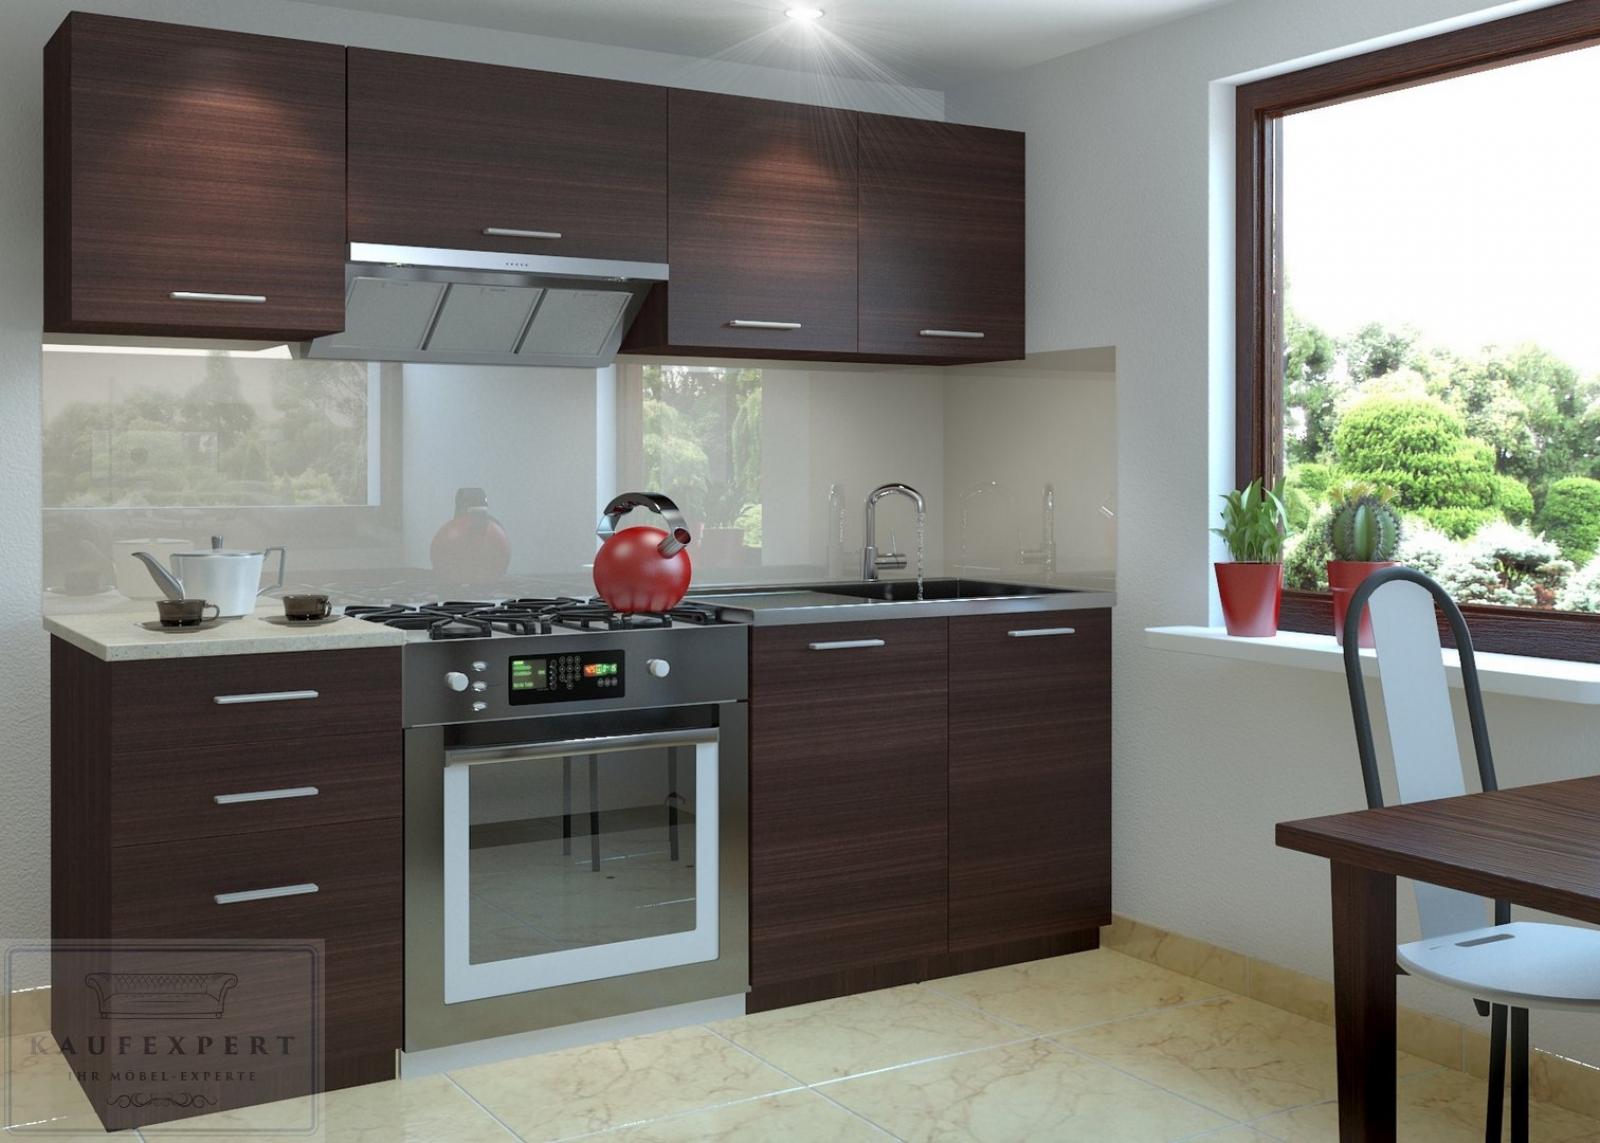 Küchenzeile Moderno E Wenge 180 Cm Küche Küchenblock Arbeitsplatte Modern  Einbauküche Matt Küche